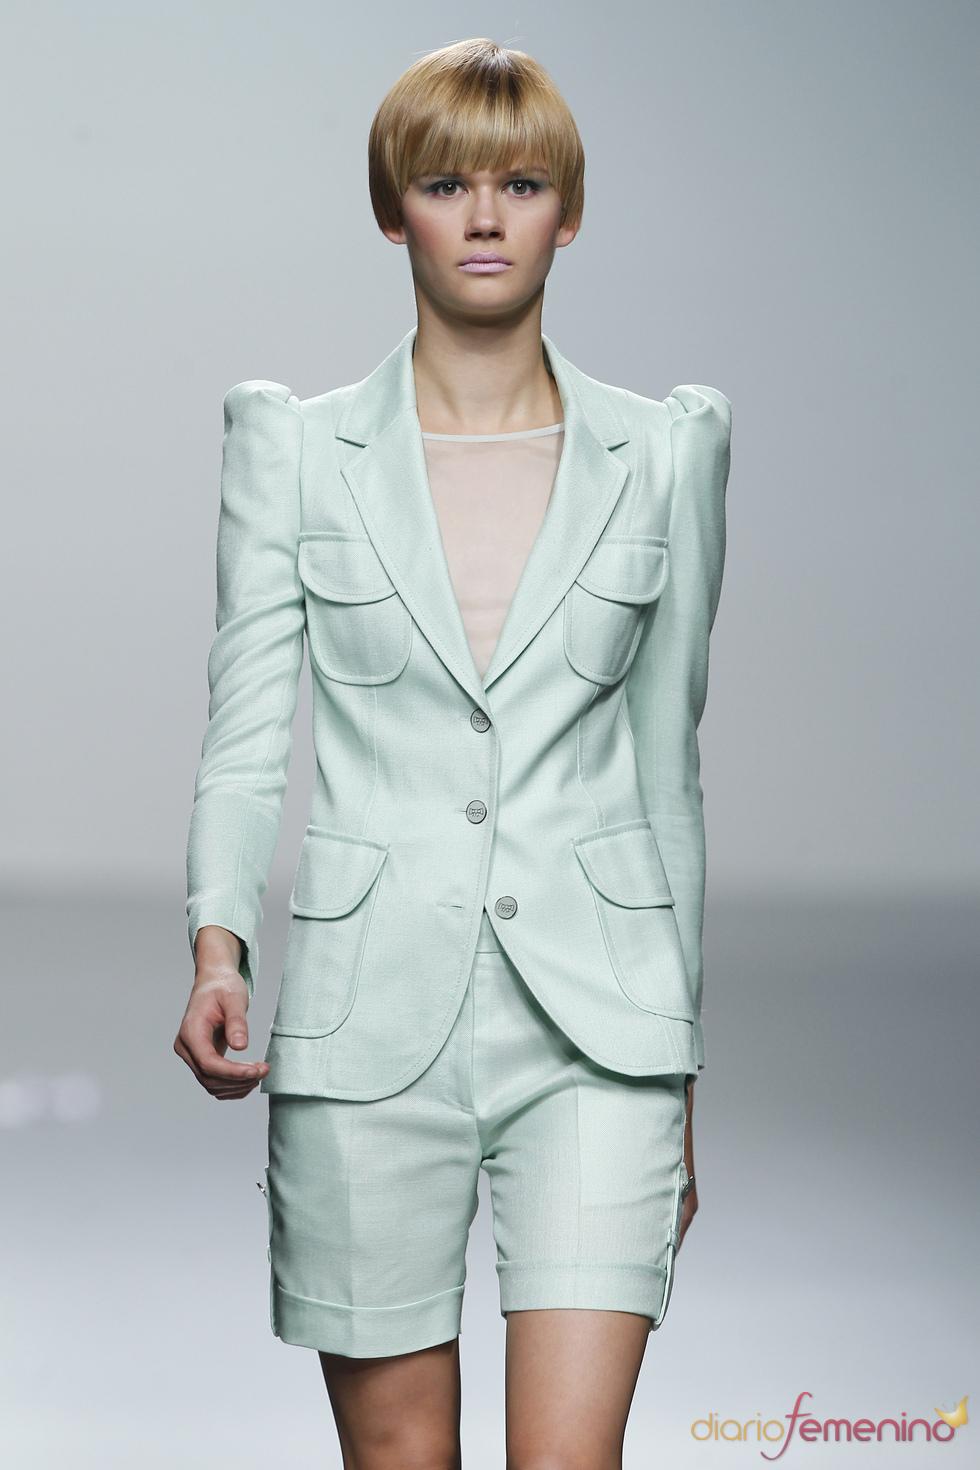 Traje de chaqueta verde pálido para la mujer 2011 de Miriam Ocariz